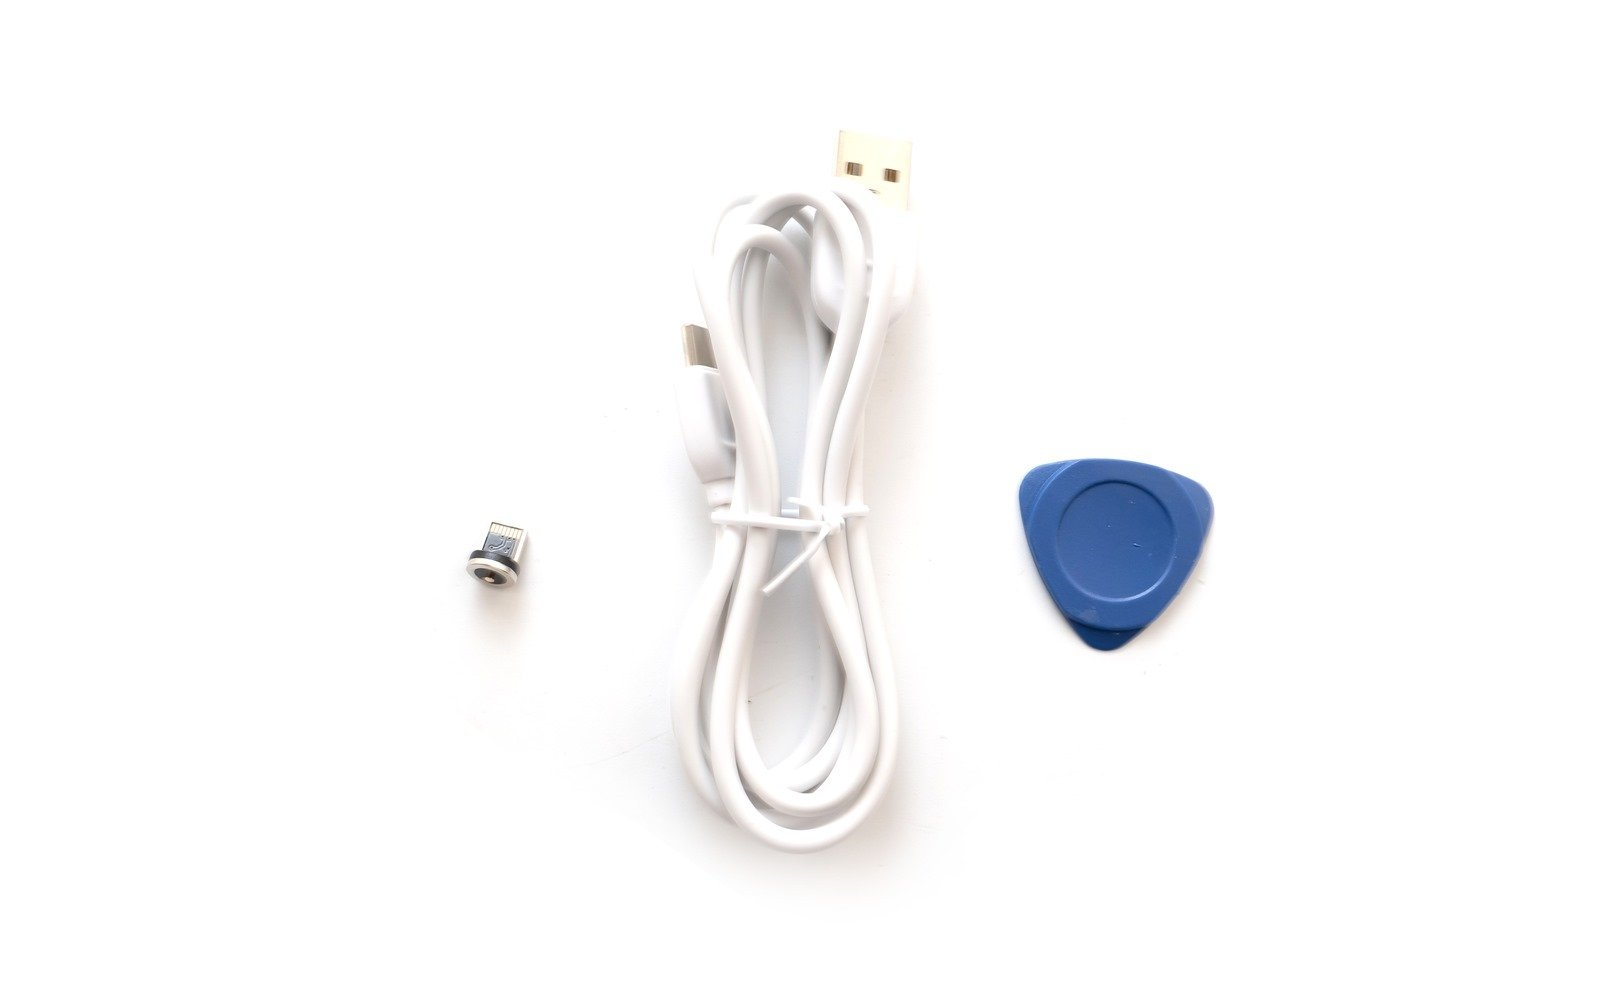 三合一 iPhone 無線充電盤只要千元!簡潔設計 VISSLESS 無線充電器 開箱分享 @3C 達人廖阿輝